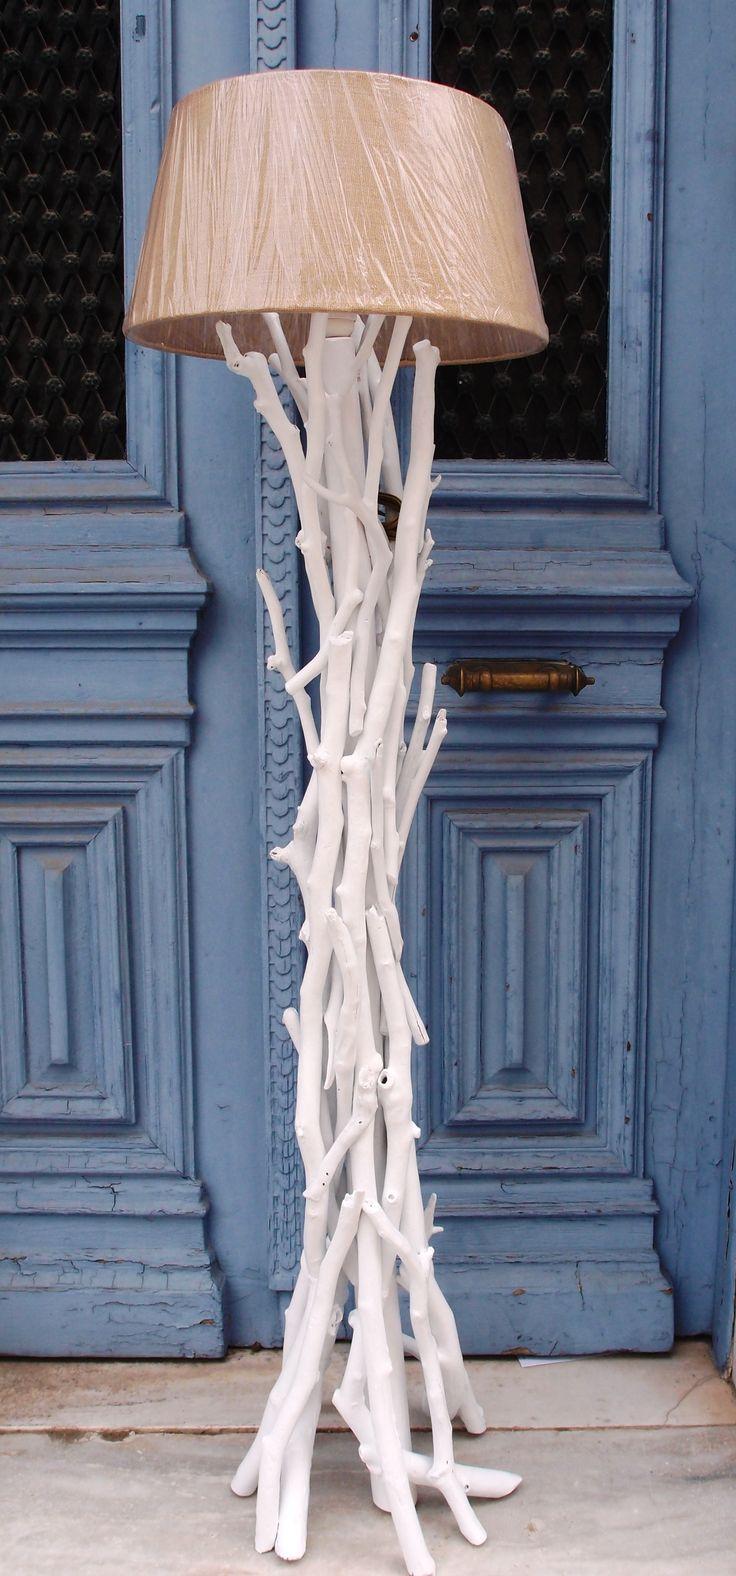 Επιδαπέδιο φωτιστικό απο θαλασσοξυλα σε λευκό χρώμα με καπέλο λινάτσα..διαστάσεις 162cm..για παραγγελίες και σε όποια διάσταση θέλετε. τηλ.6976773699 ...floor lamps by driftwood